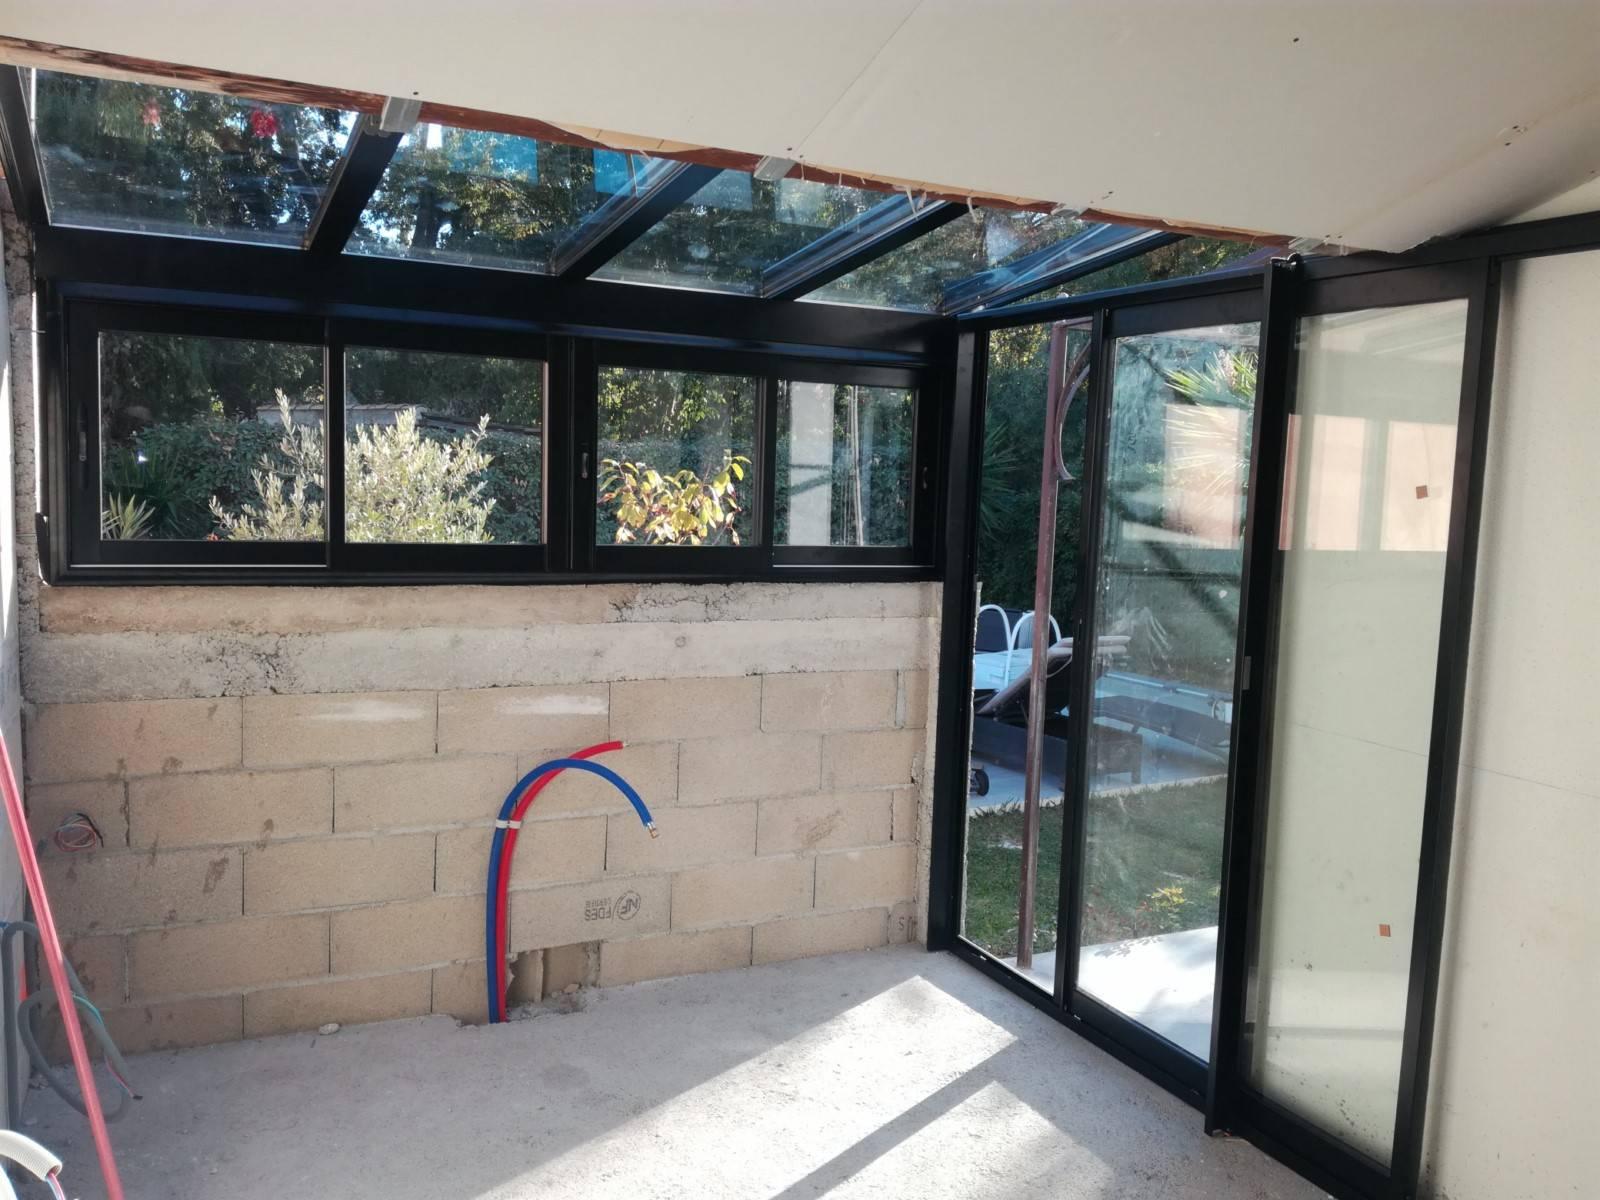 Veranda Metal Et Verre installation d'une véranda avec toiture en verre